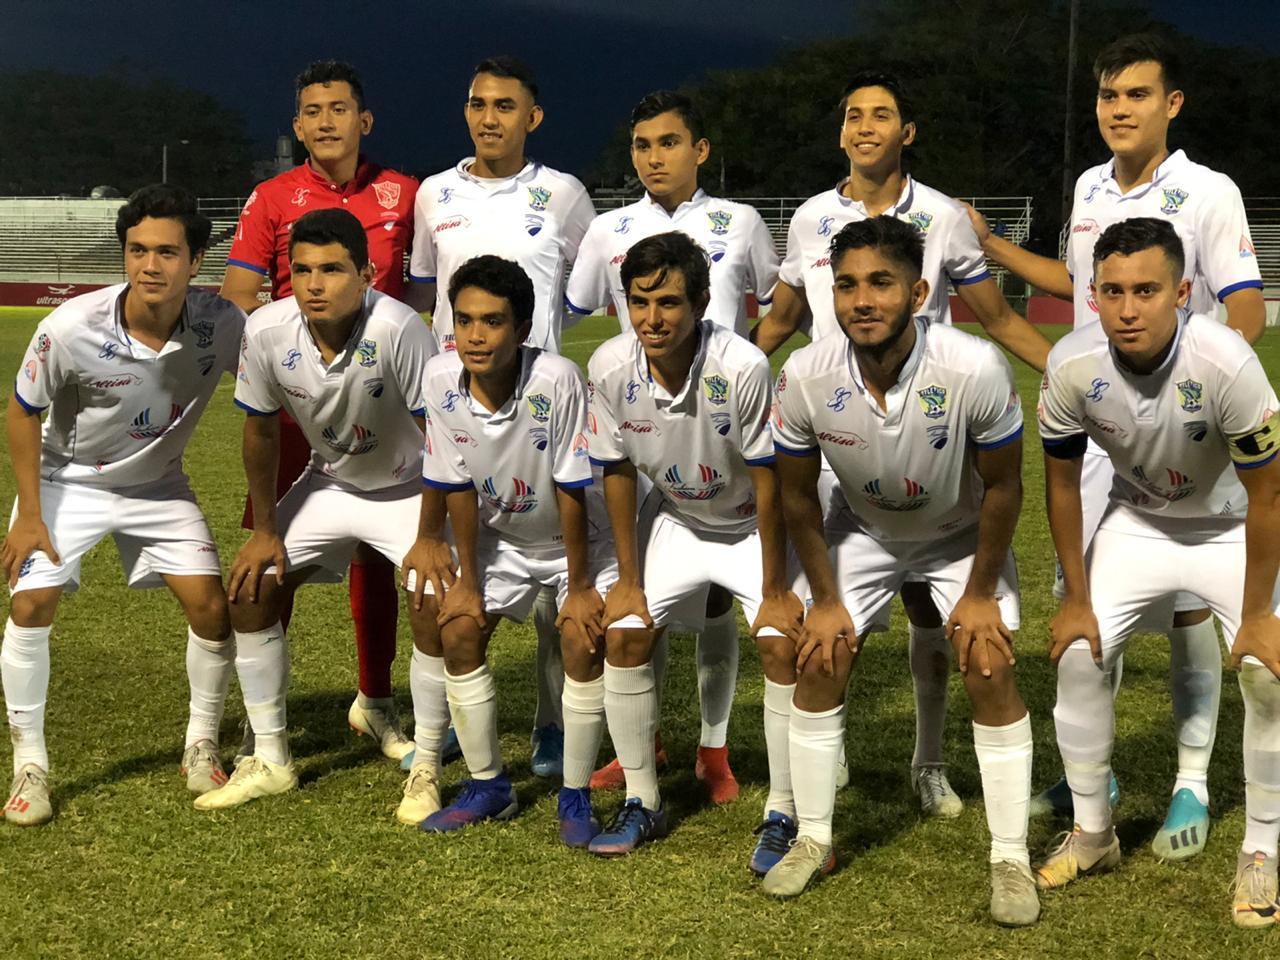 En debut, Real de Colima pierde 0 a 2 ante Leones Negros